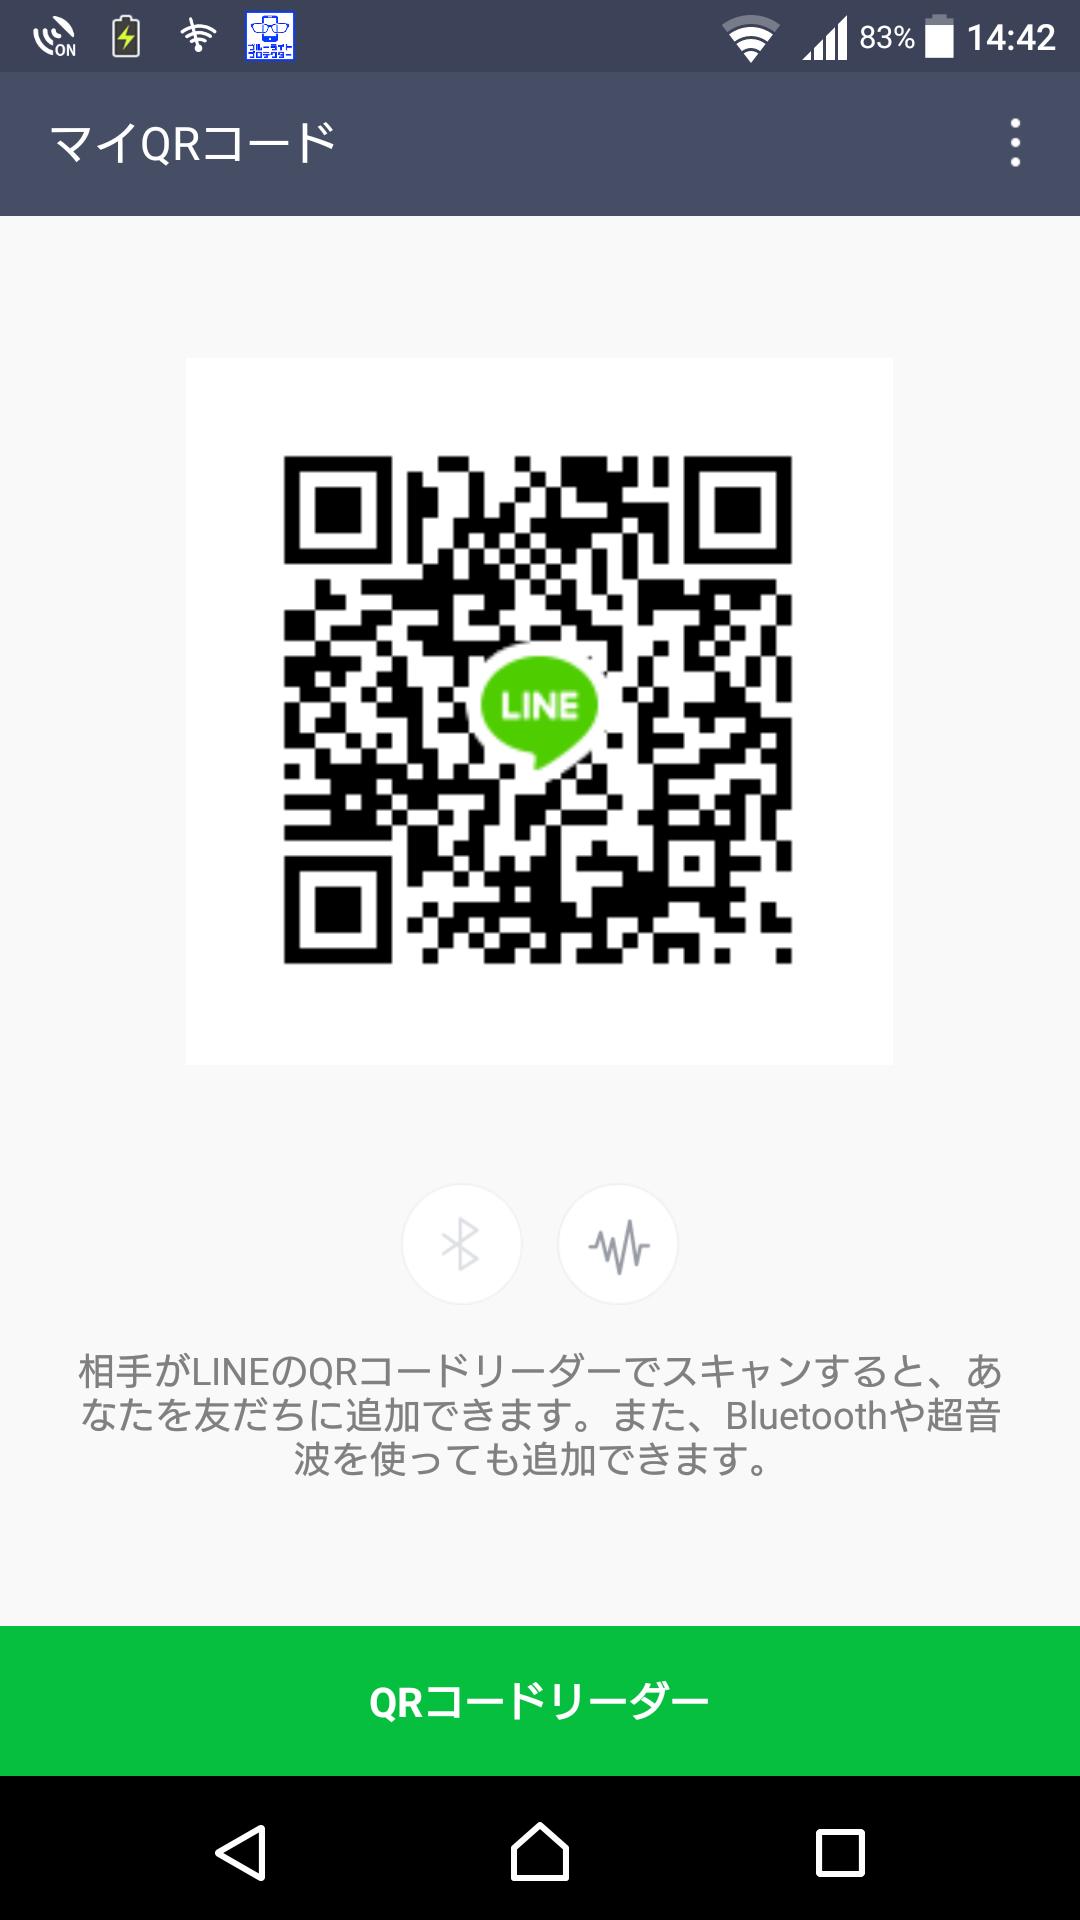 璃兎さんのLINE QRコード